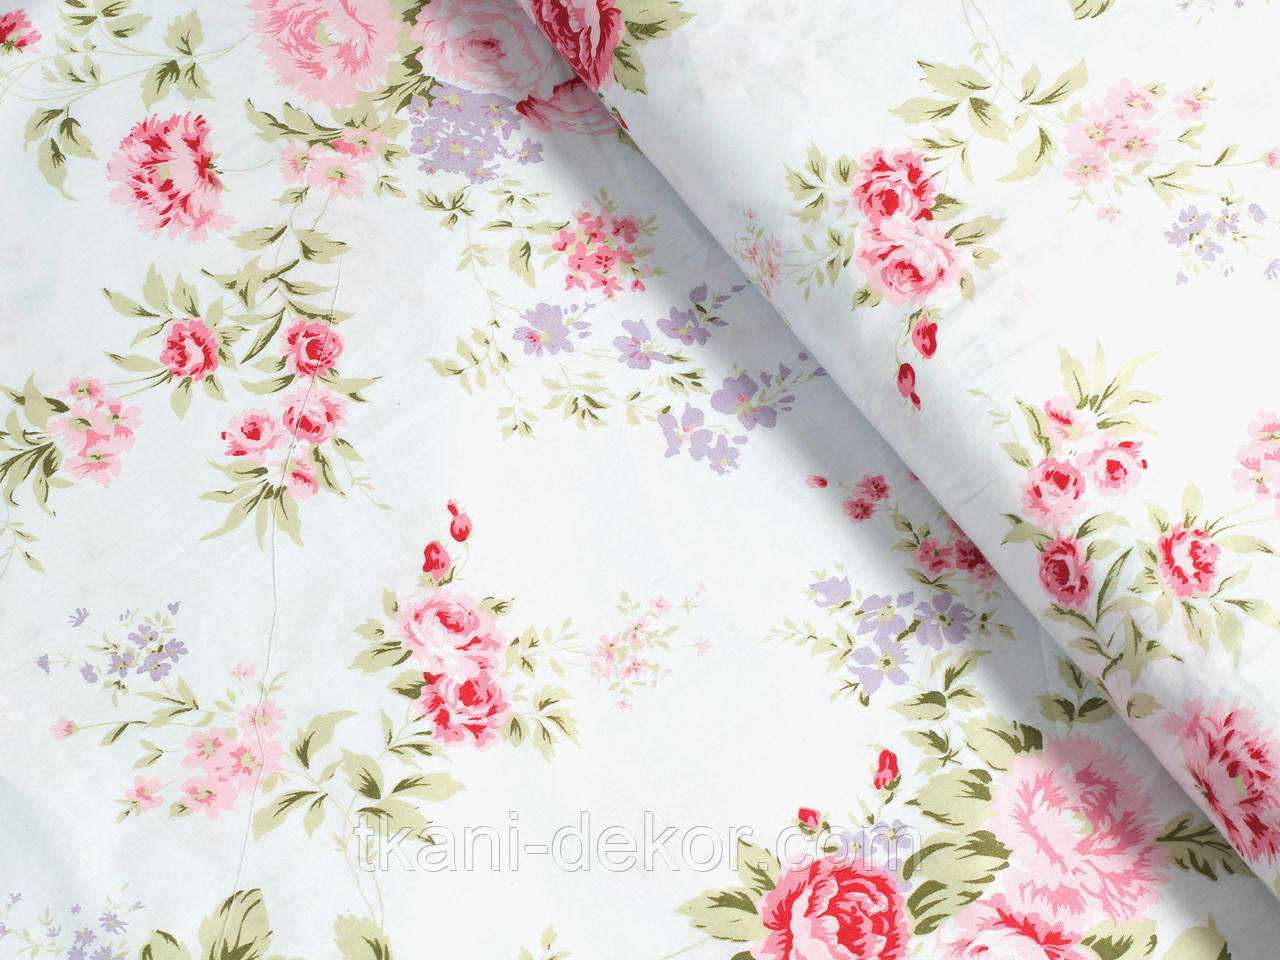 Сатин (бавовняна тканина) піоновидна троянда